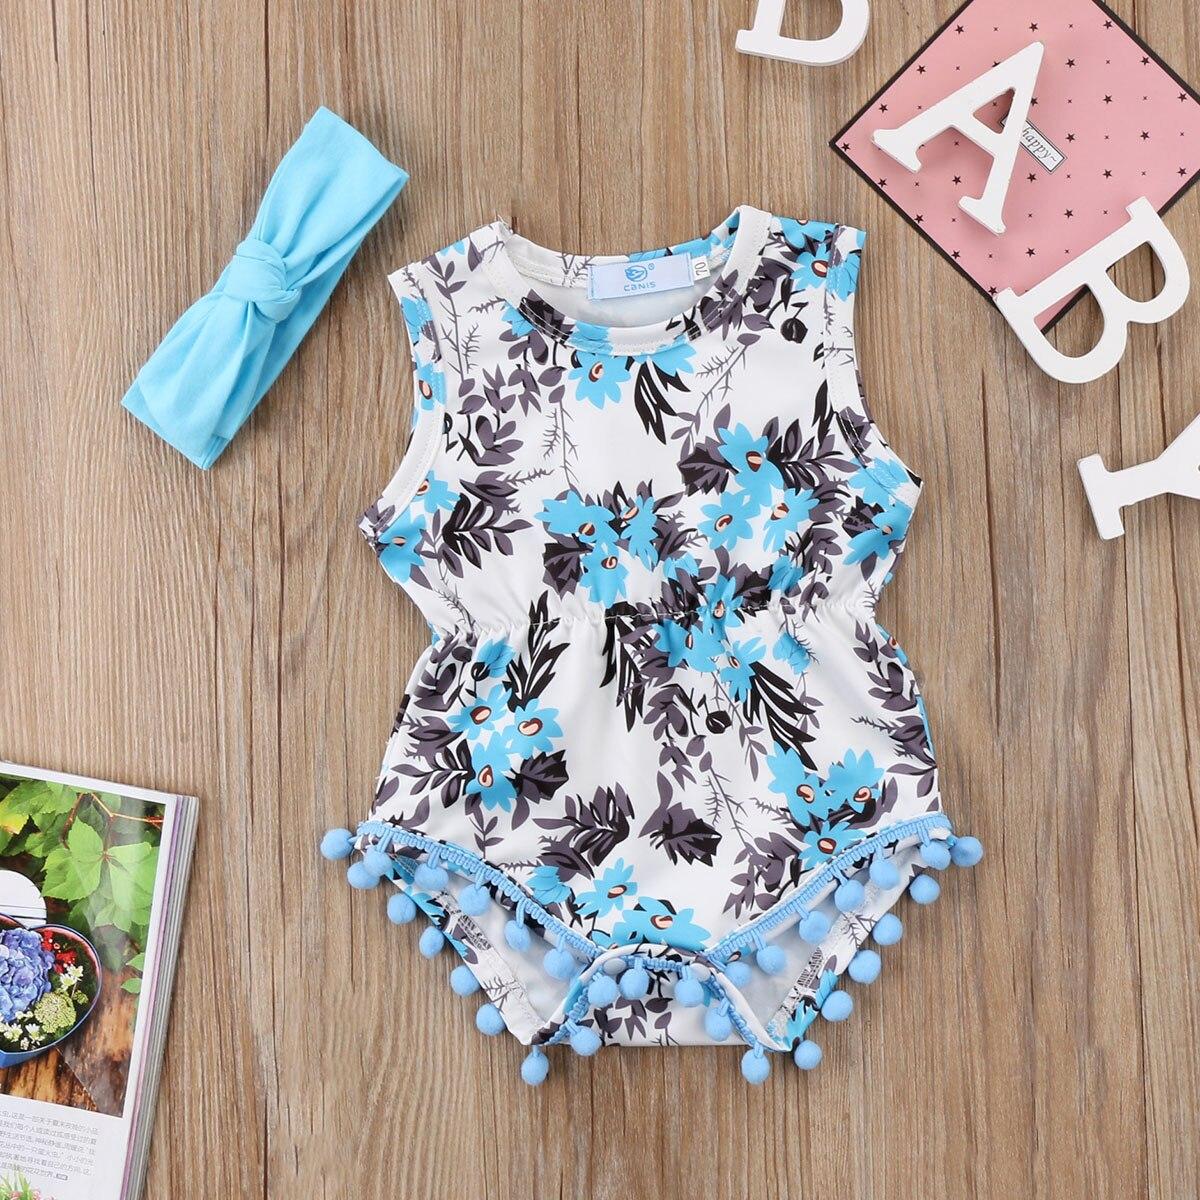 Для новорожденных детская одежда для девочек цветочный комбинезон повязка комбинезон богемном стиле комплект одежды 0-24 м